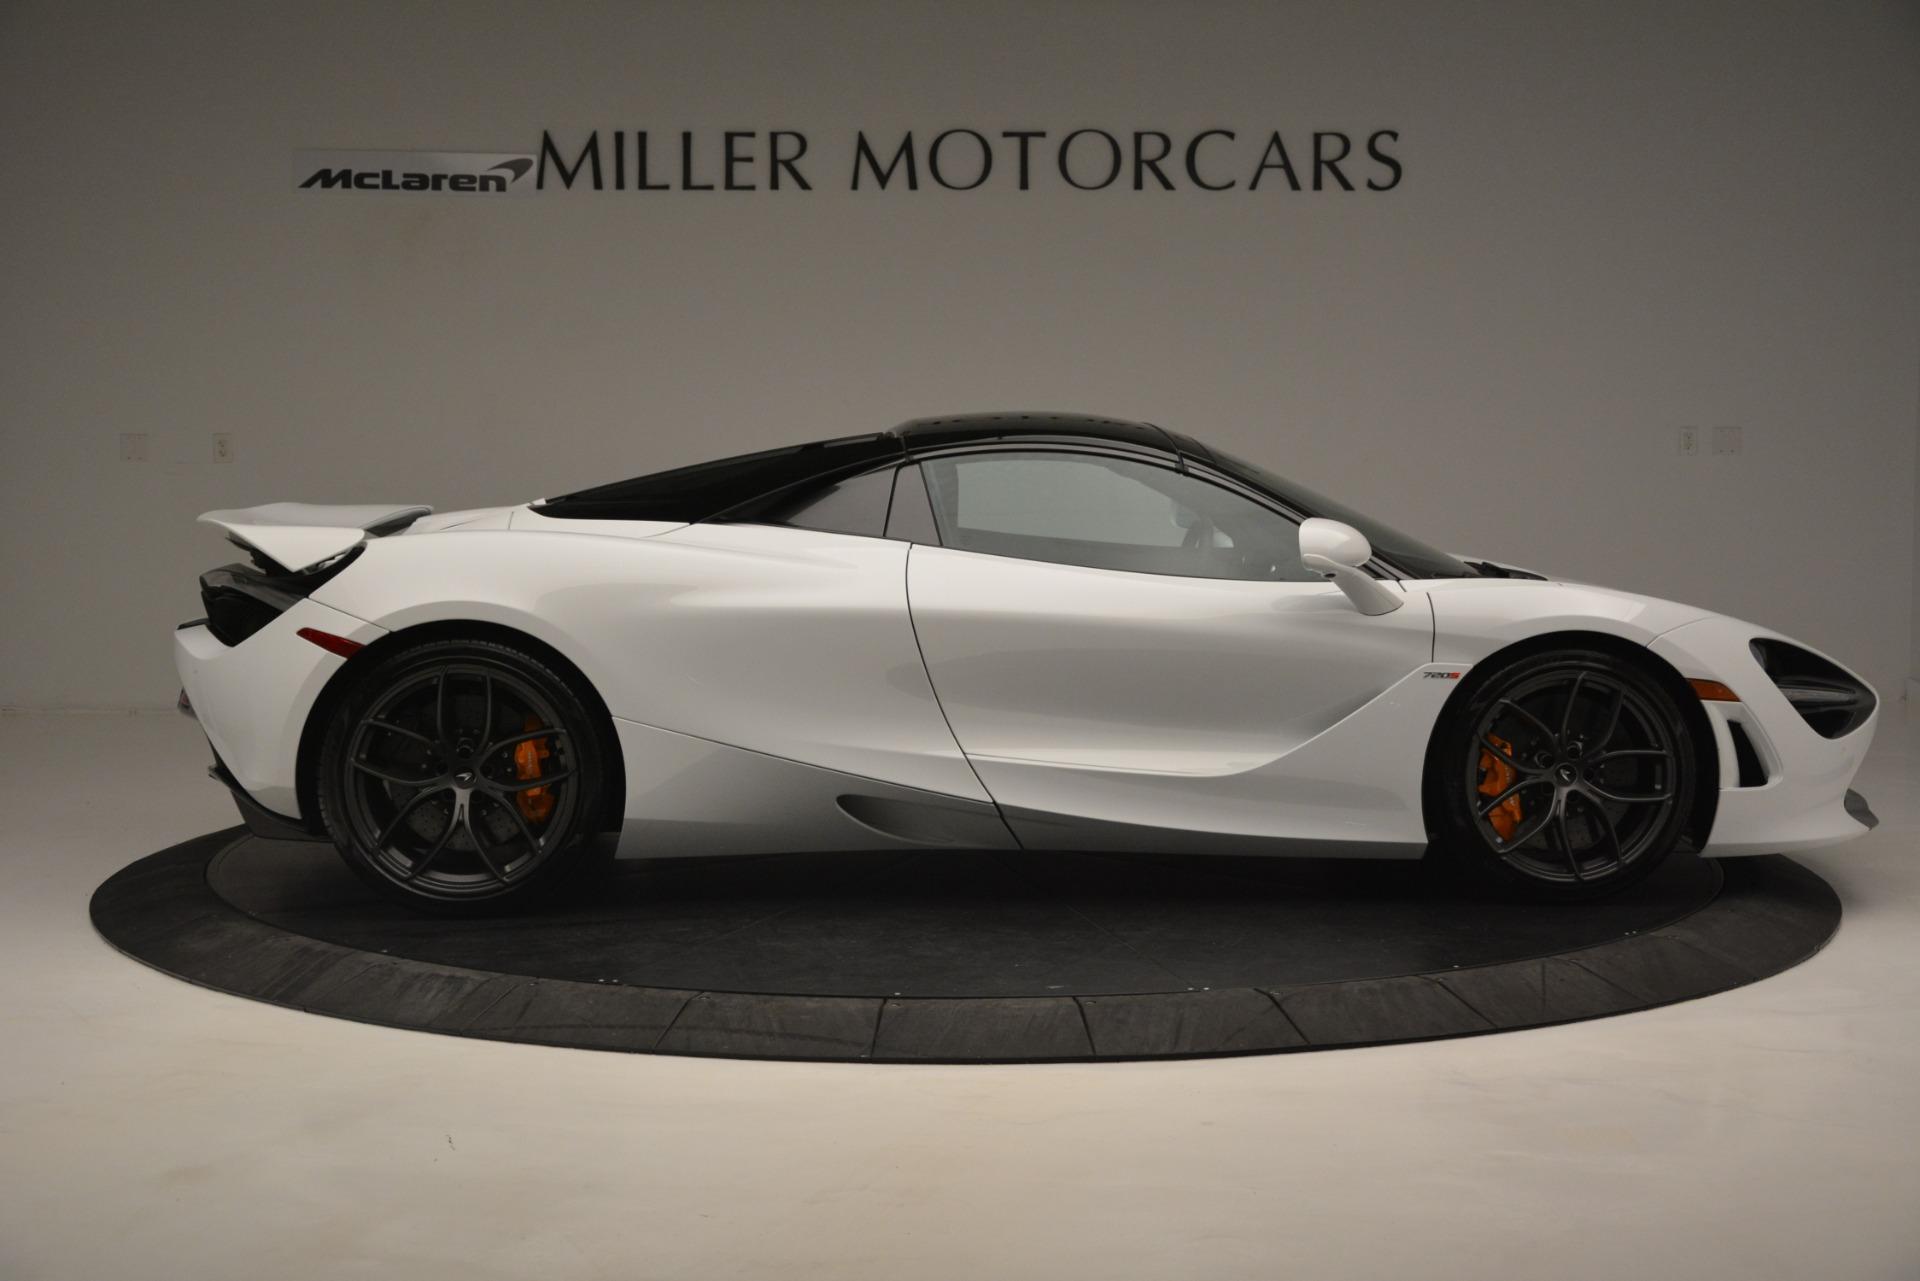 New 2020 McLaren 720S Spider Convertible For Sale In Westport, CT 3229_p7